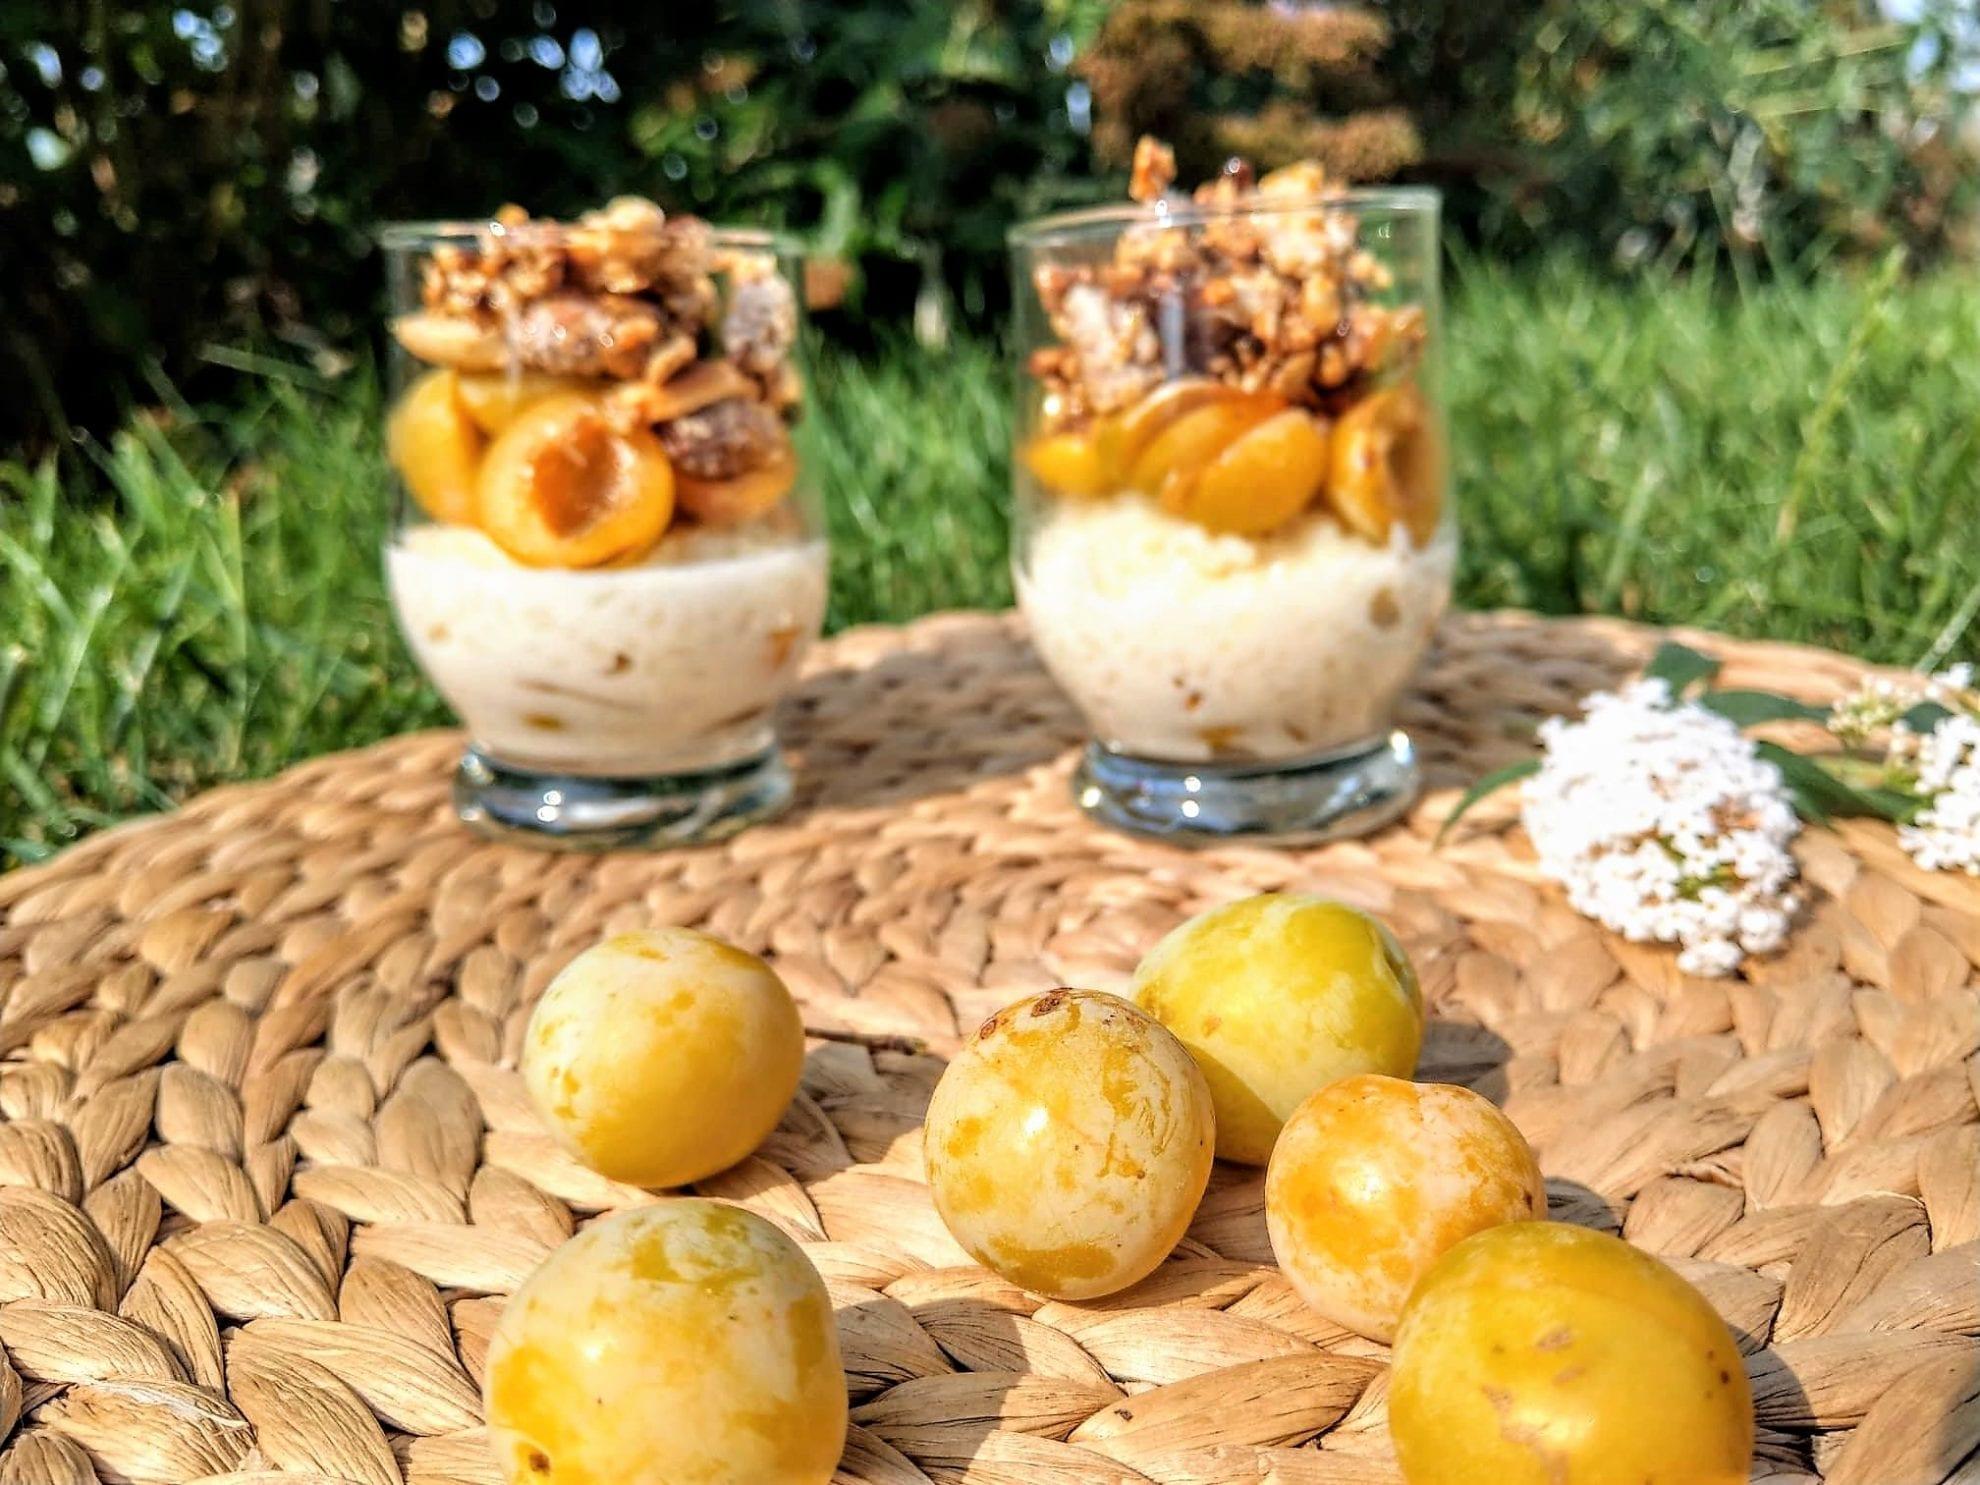 Marillen - oder auch Aprikosen - sind ein tolles und supersaftiges Steinobst, das sich hervorragend für Marmelade, Gelees oder auch Desserts eignet.